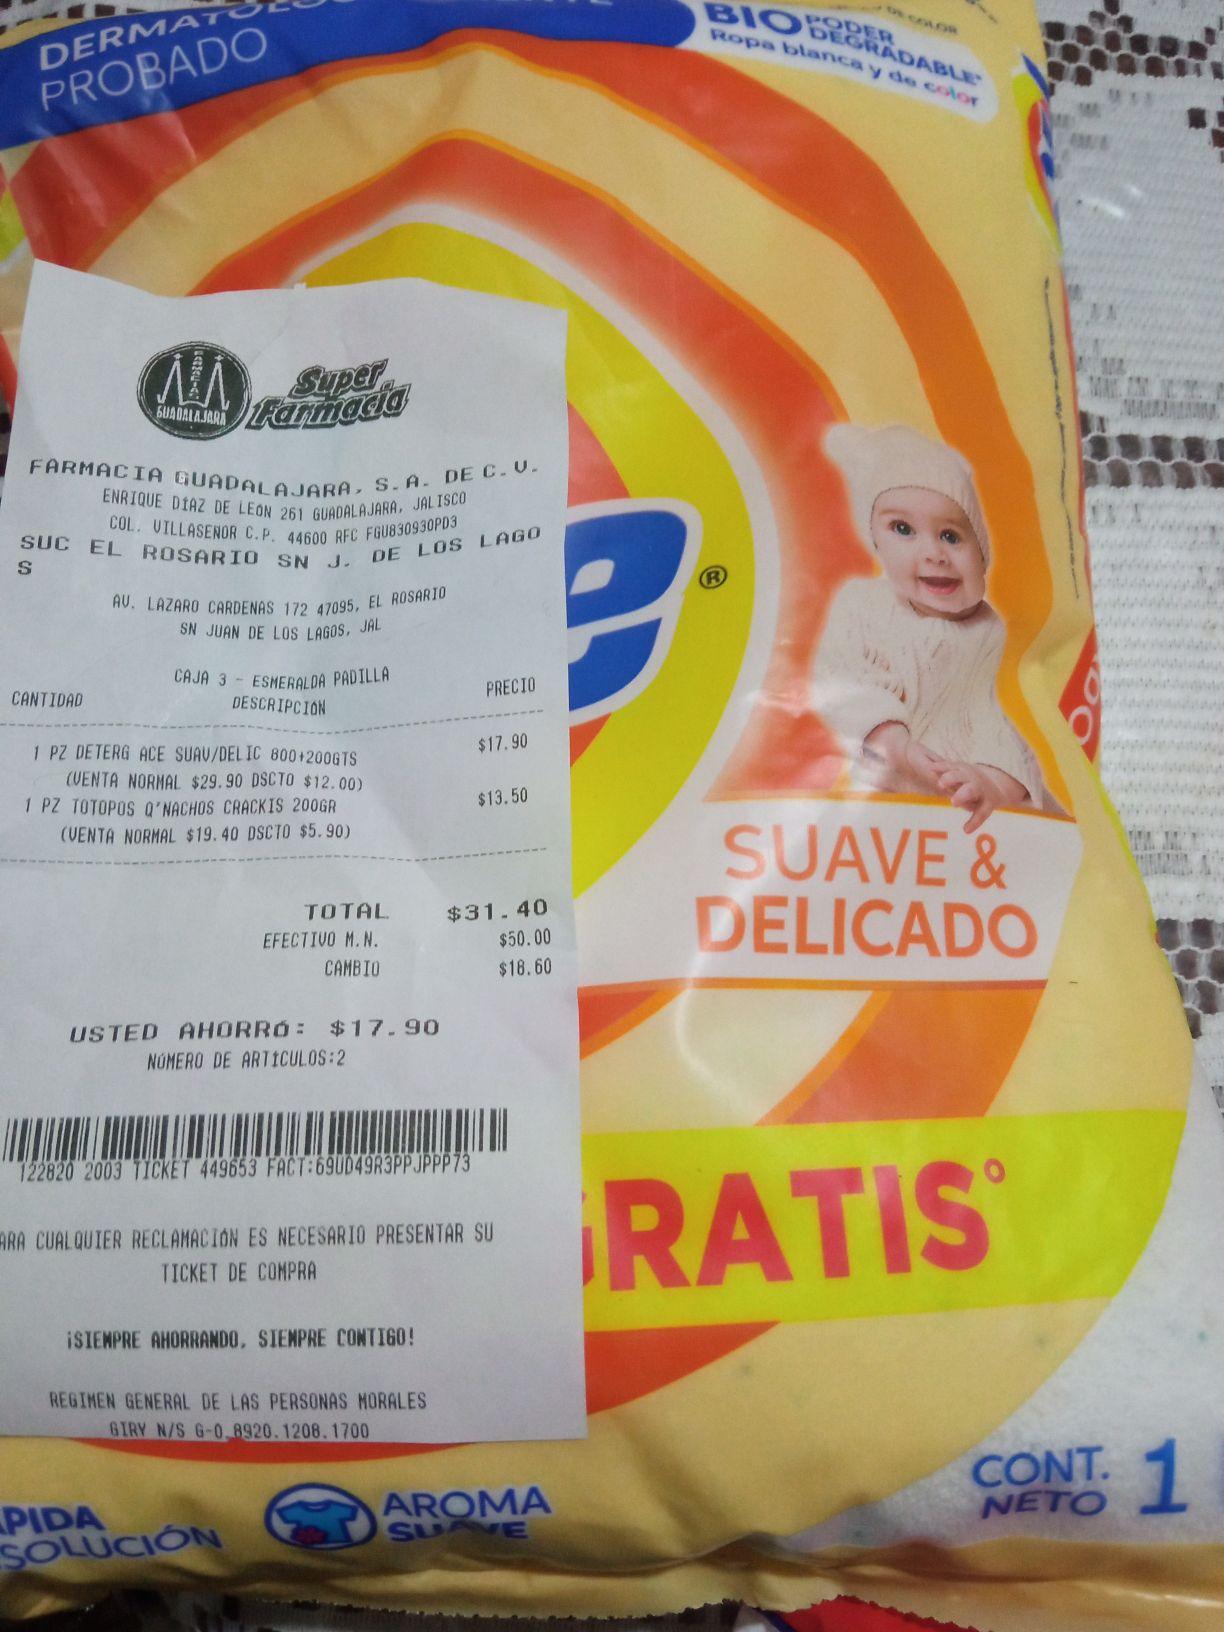 Farmacia Guadalajara ACE 1 kg suave delicado por 17.9 precio regular 30